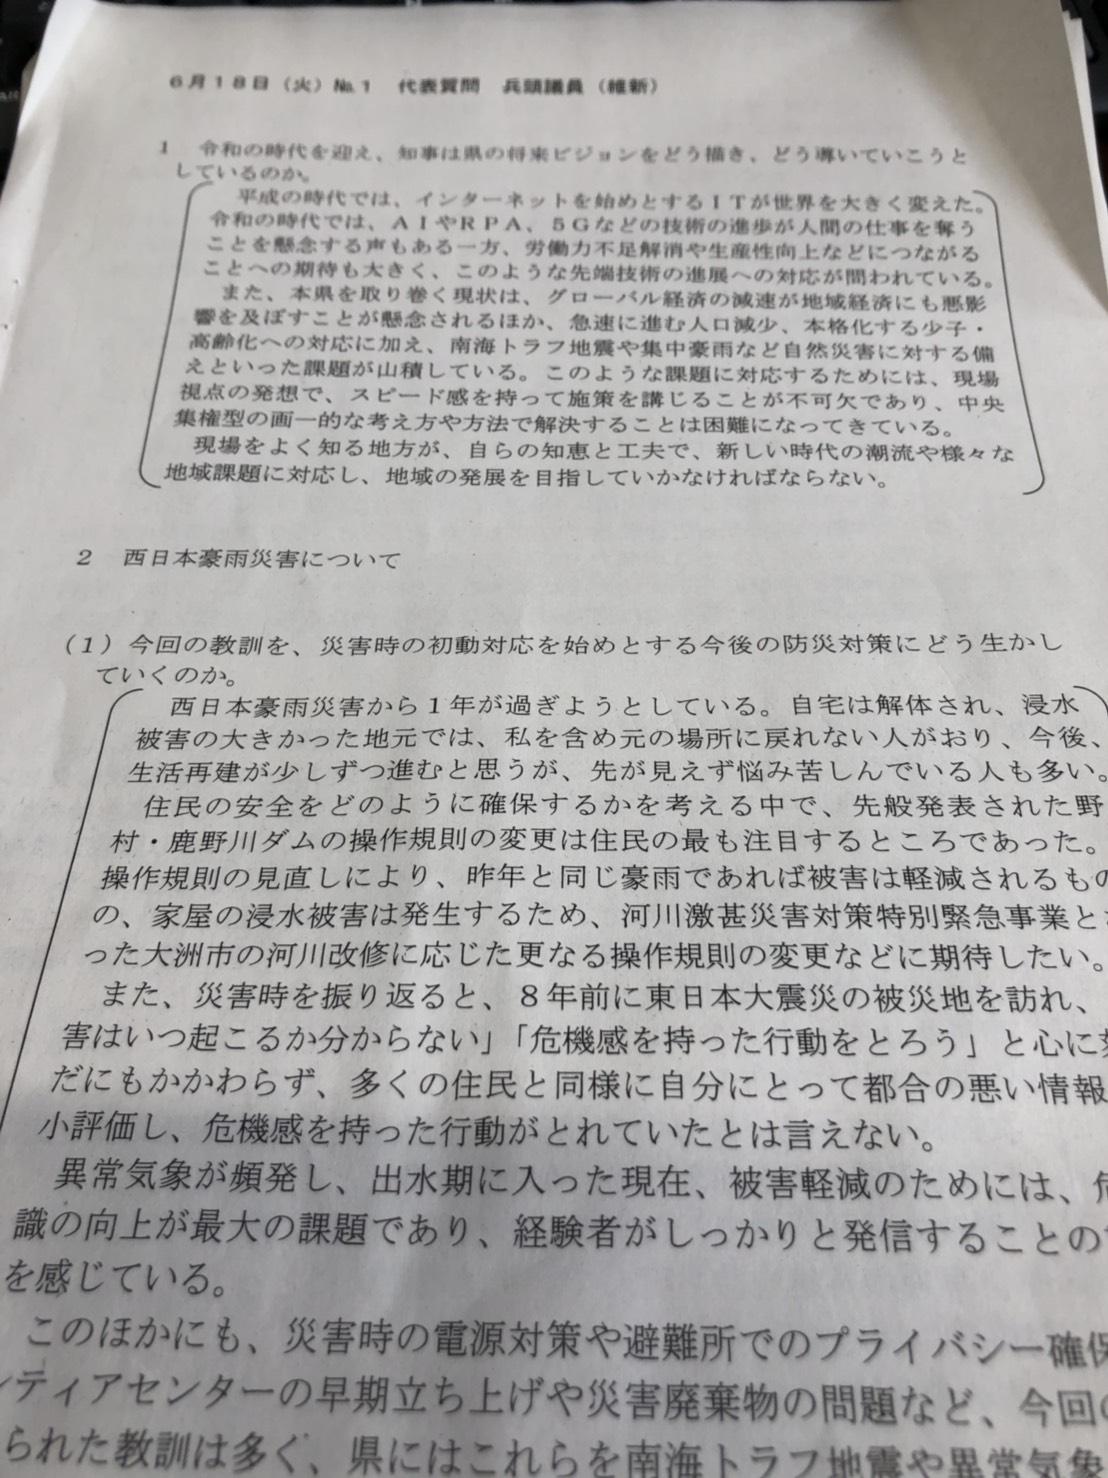 【愛媛県議会 6月18日(火)代表質問】